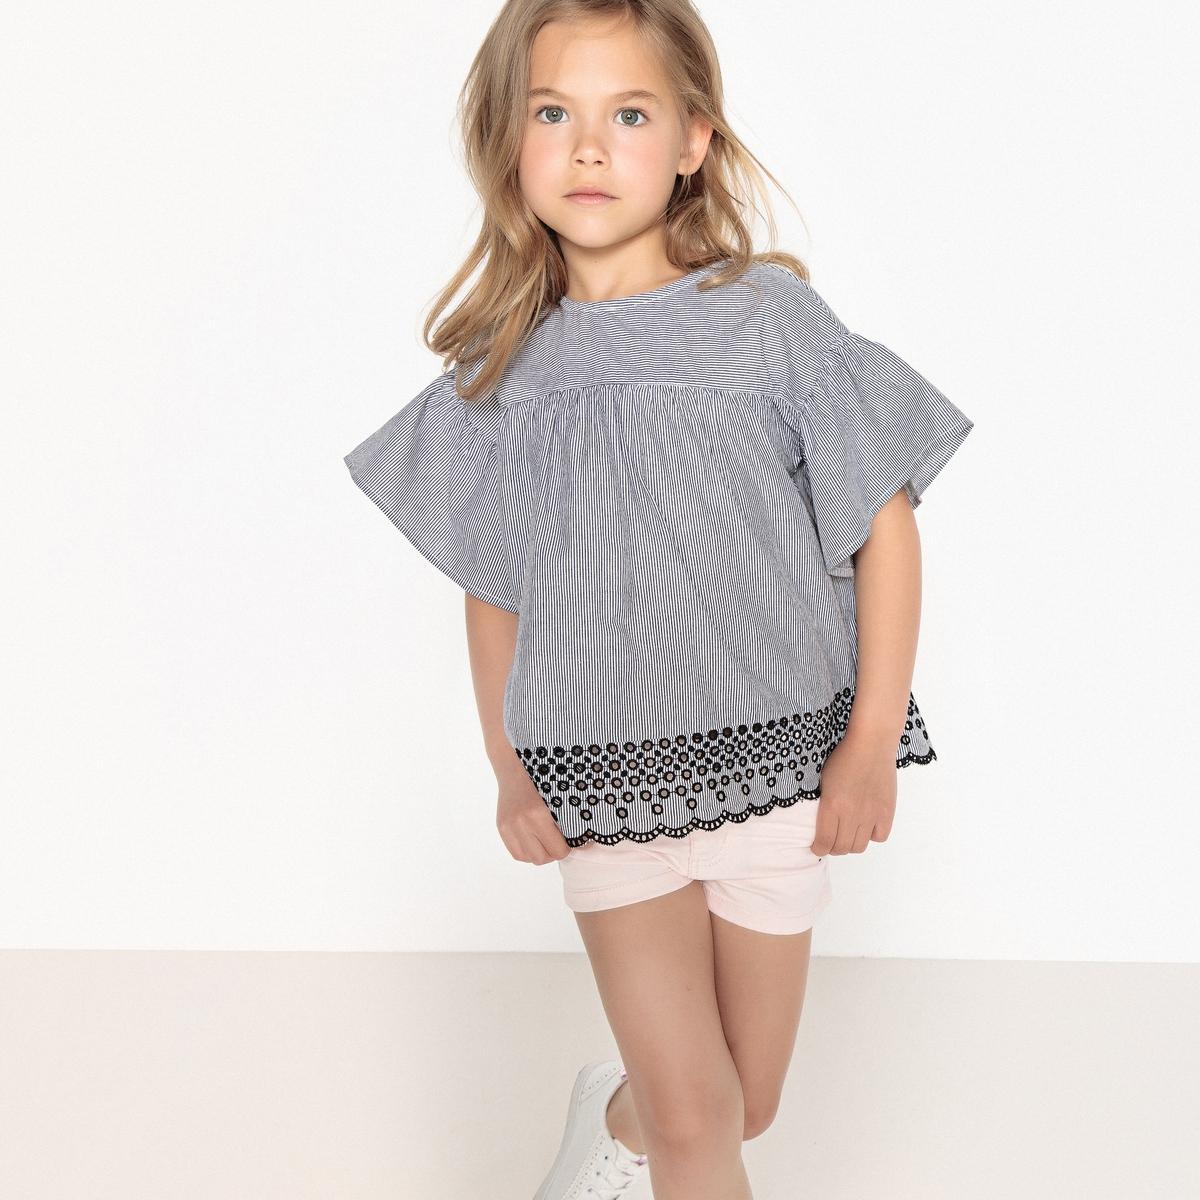 Блузка в полоску с вышивкой, 3-12 лет